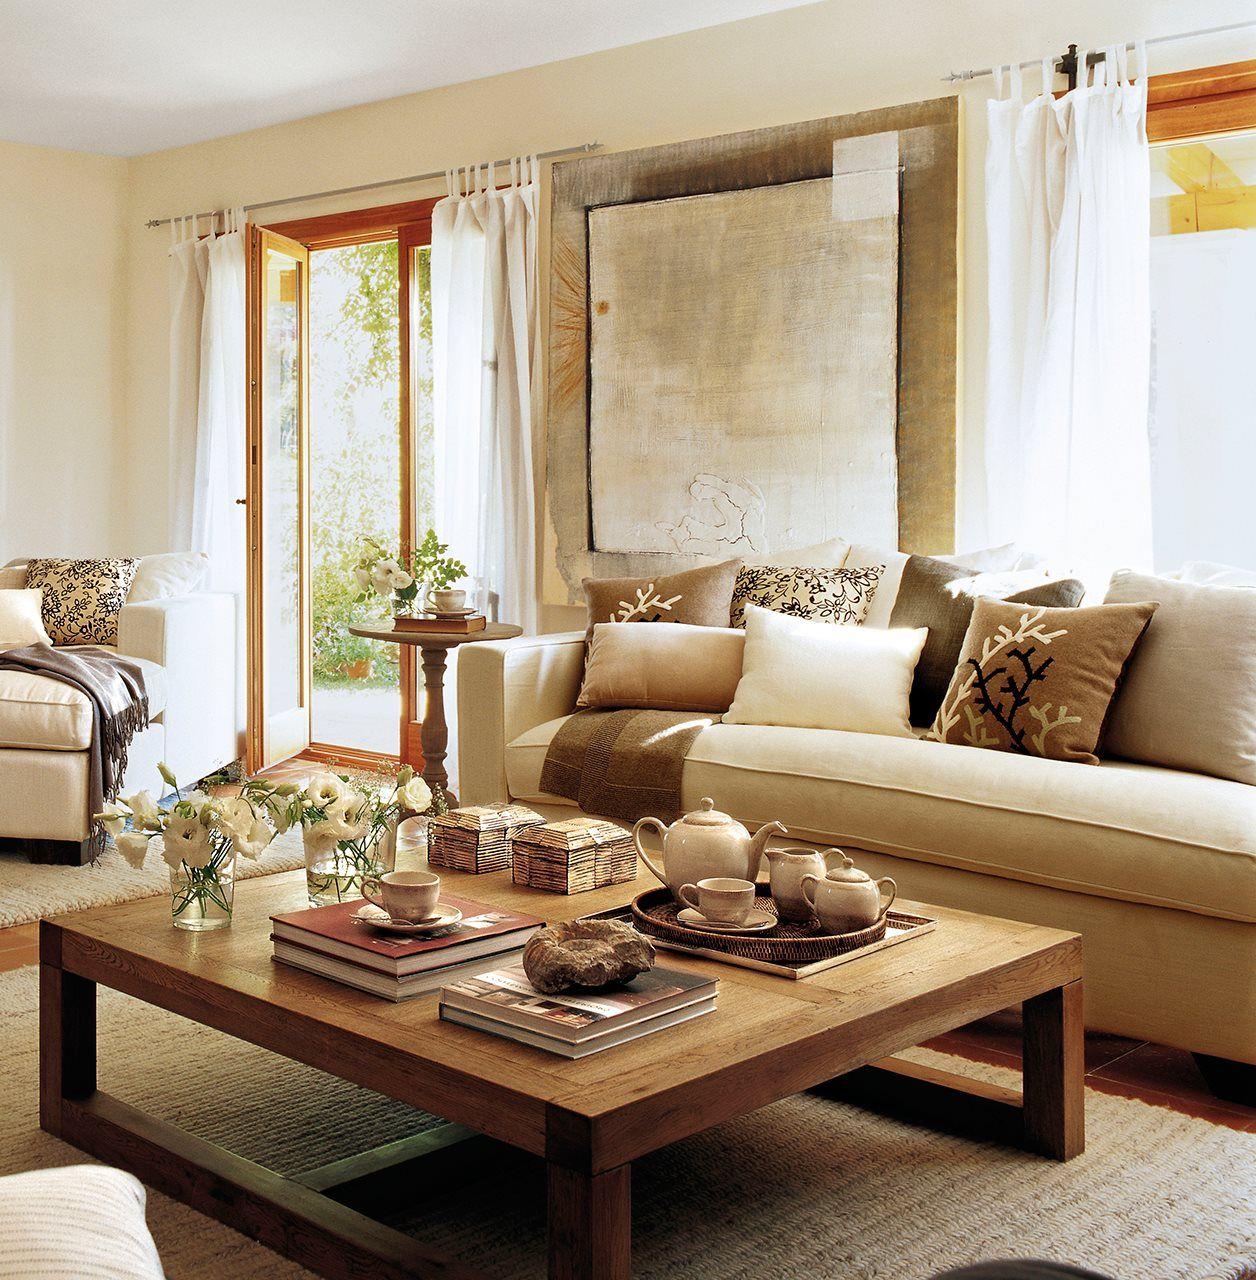 15 mesas de centro que ayudan a organizar el saln  ElMueble.com  Salones   Living Room IdeasLiving ...